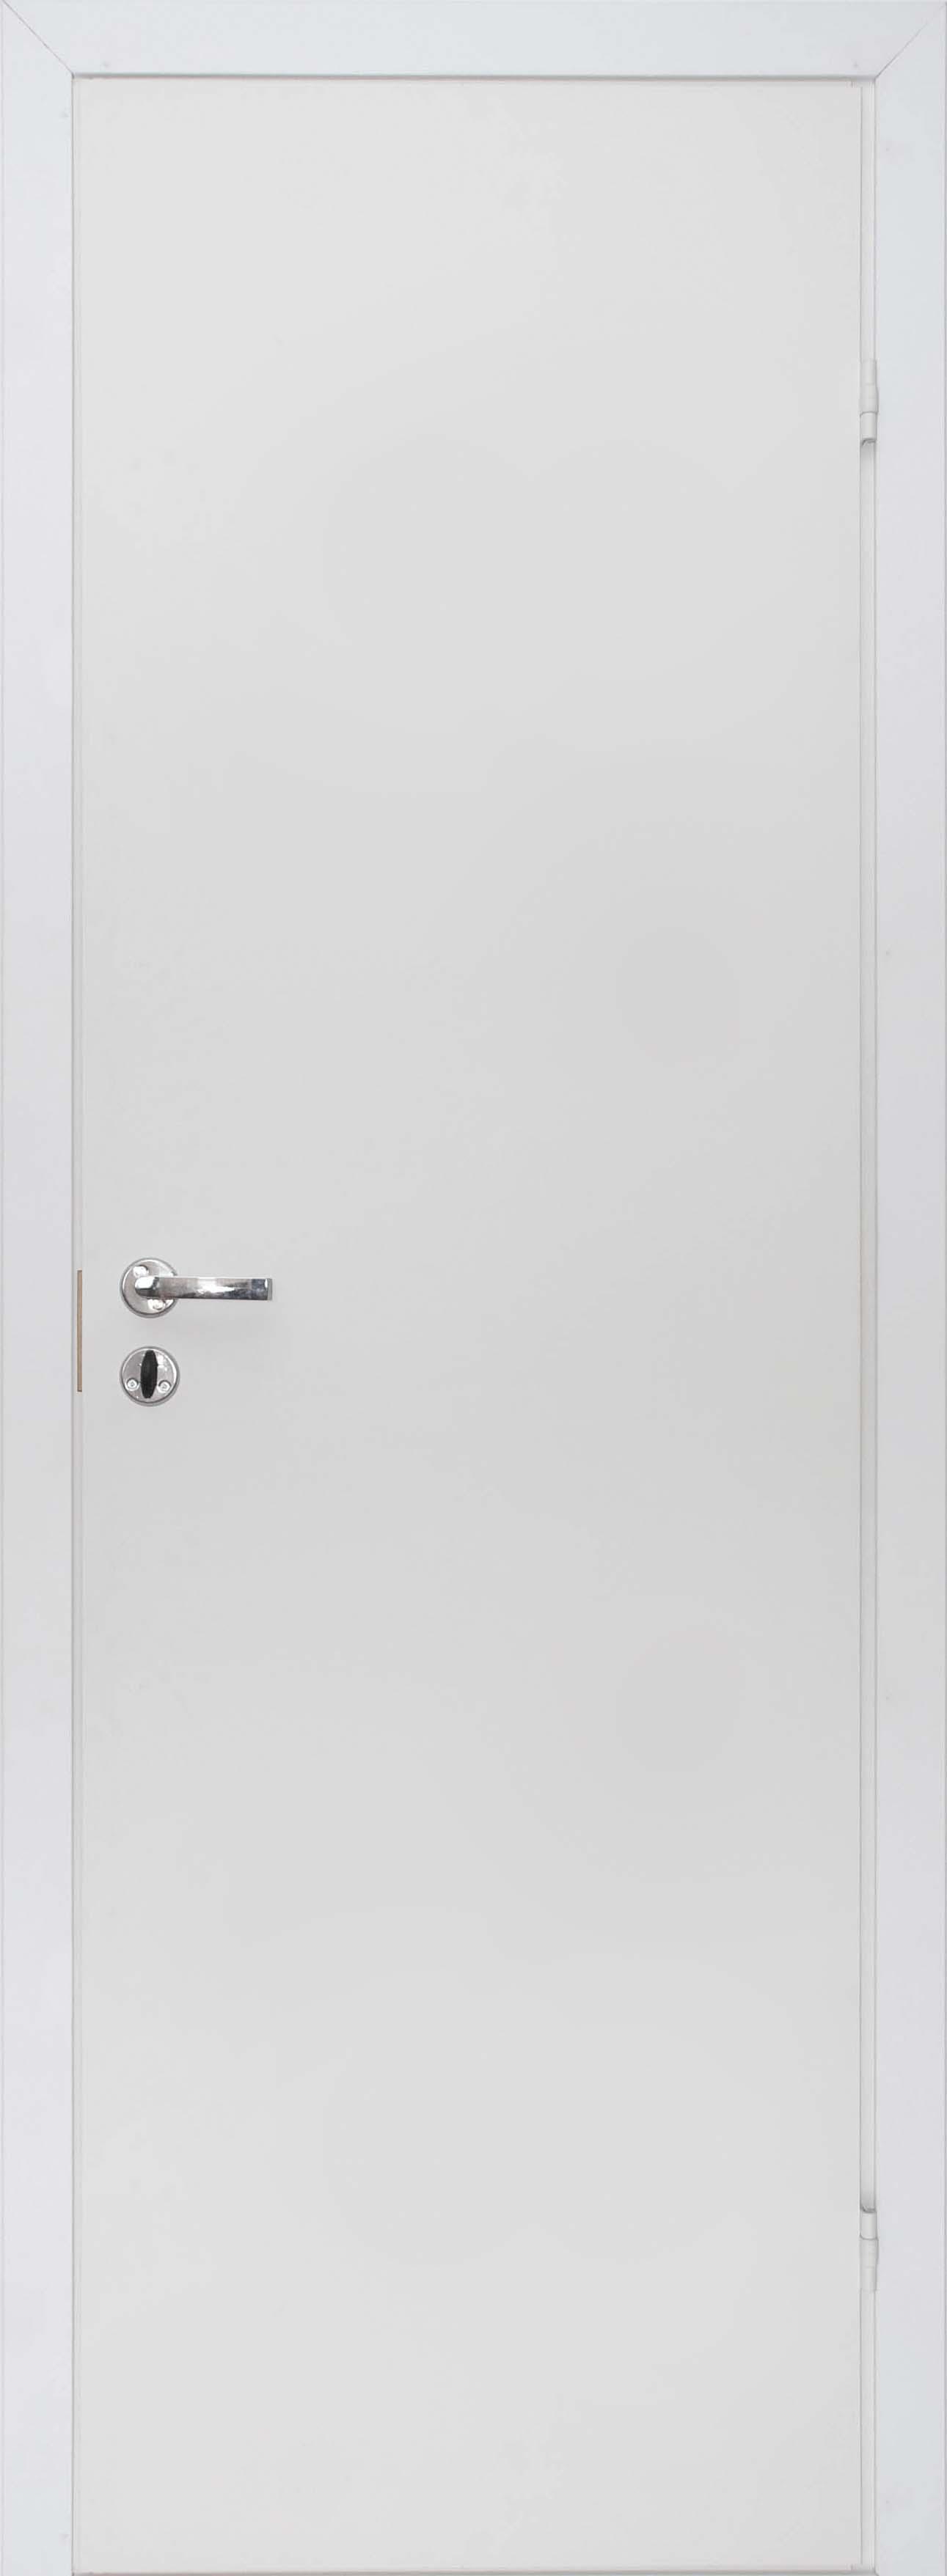 Купить со скидкой Дверное полотно ОЛОВИ М08х21 крашенное белое с замком